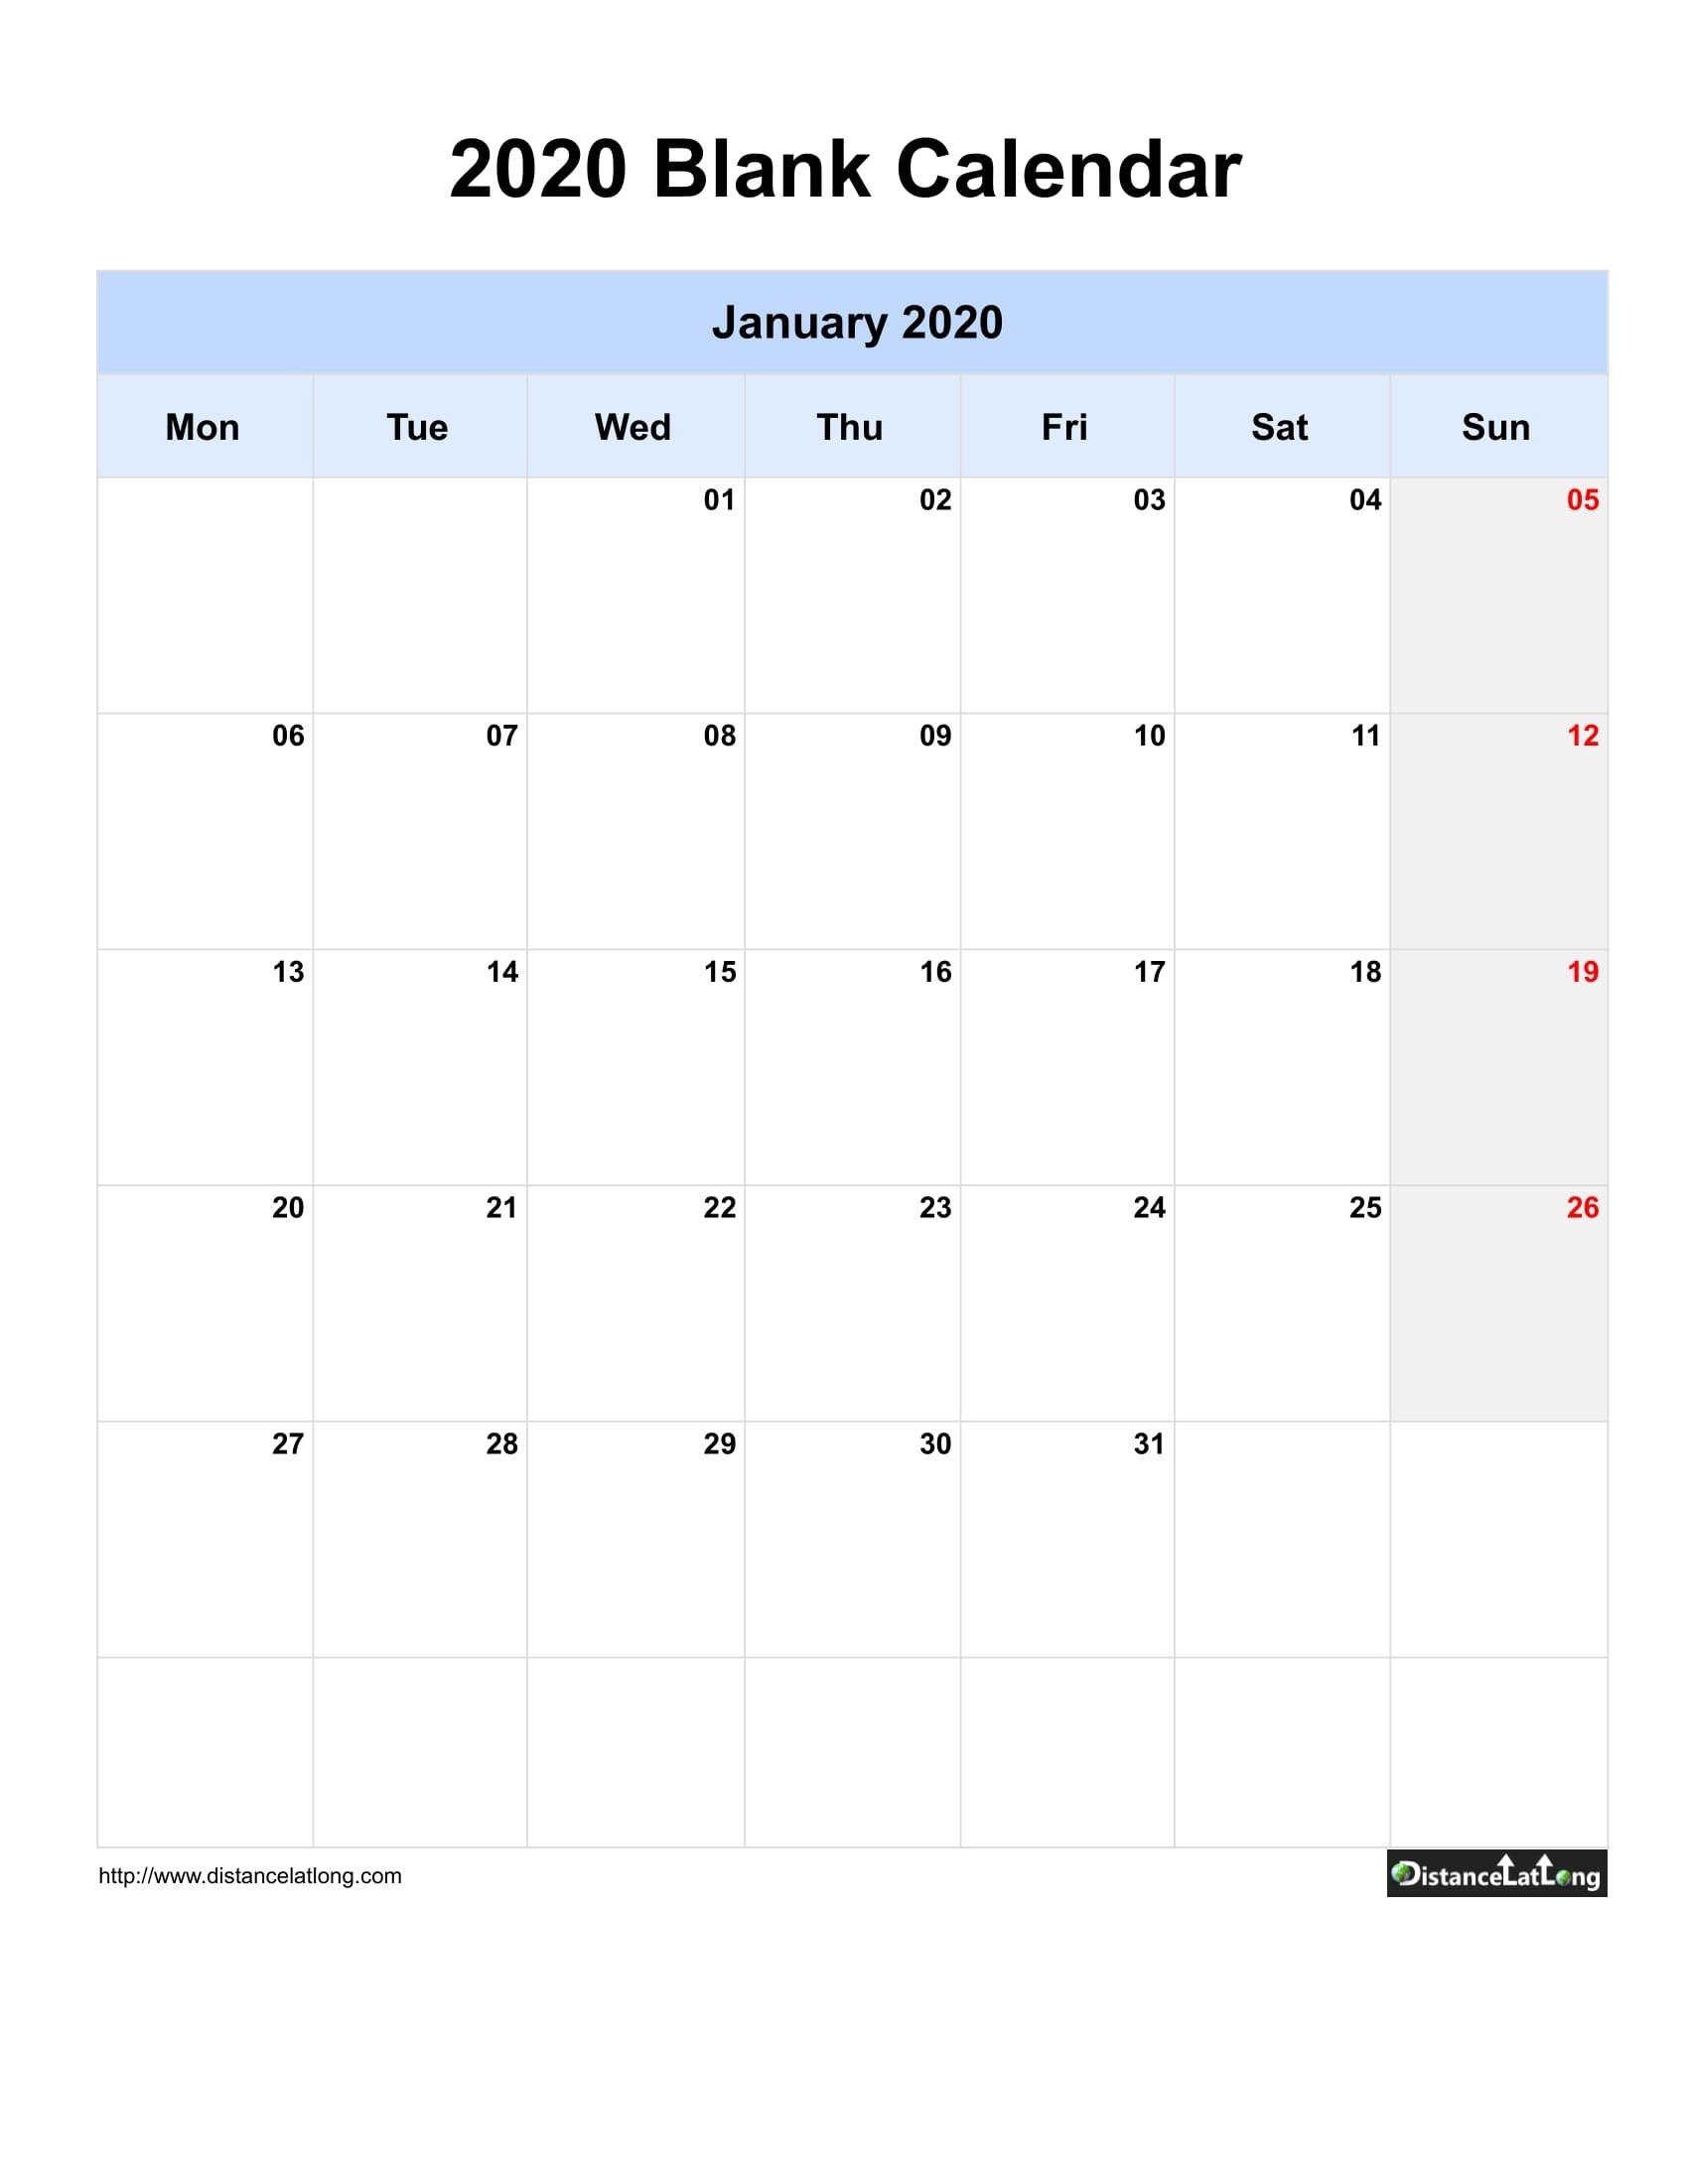 2020 Blank Calendar Blank Portrait Orientation Free